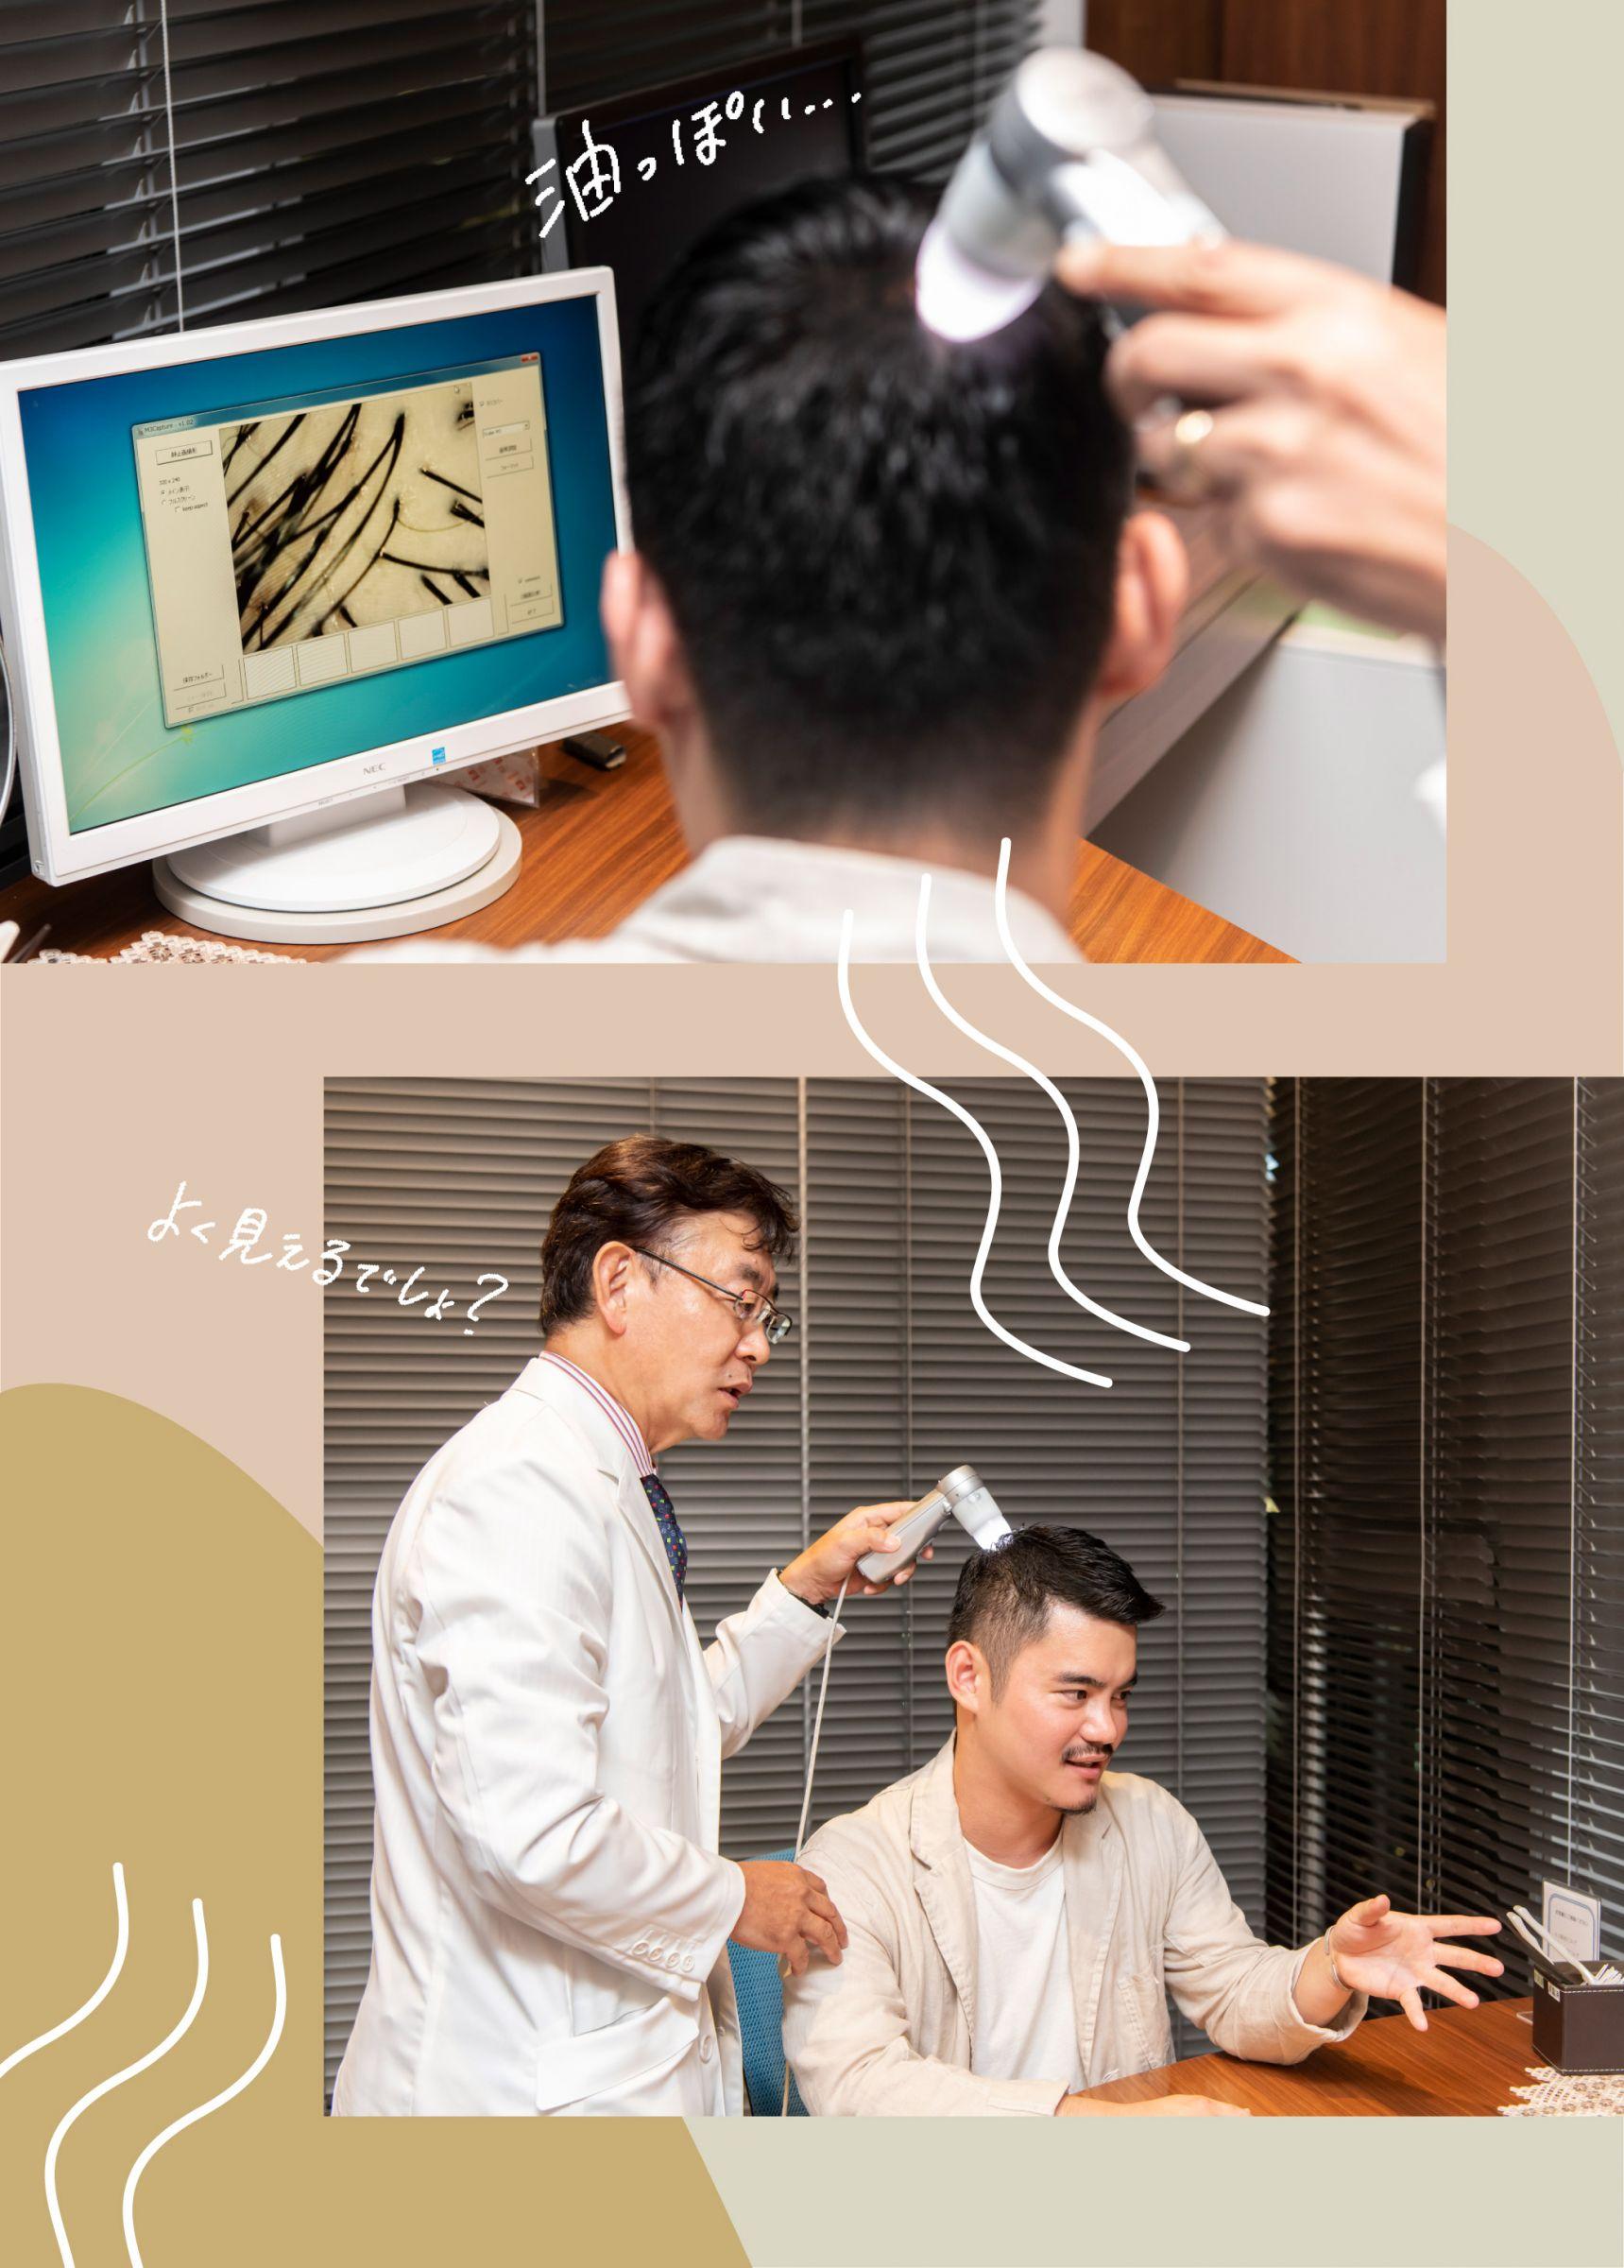 頭皮のマイクロスコープをエディターが体験